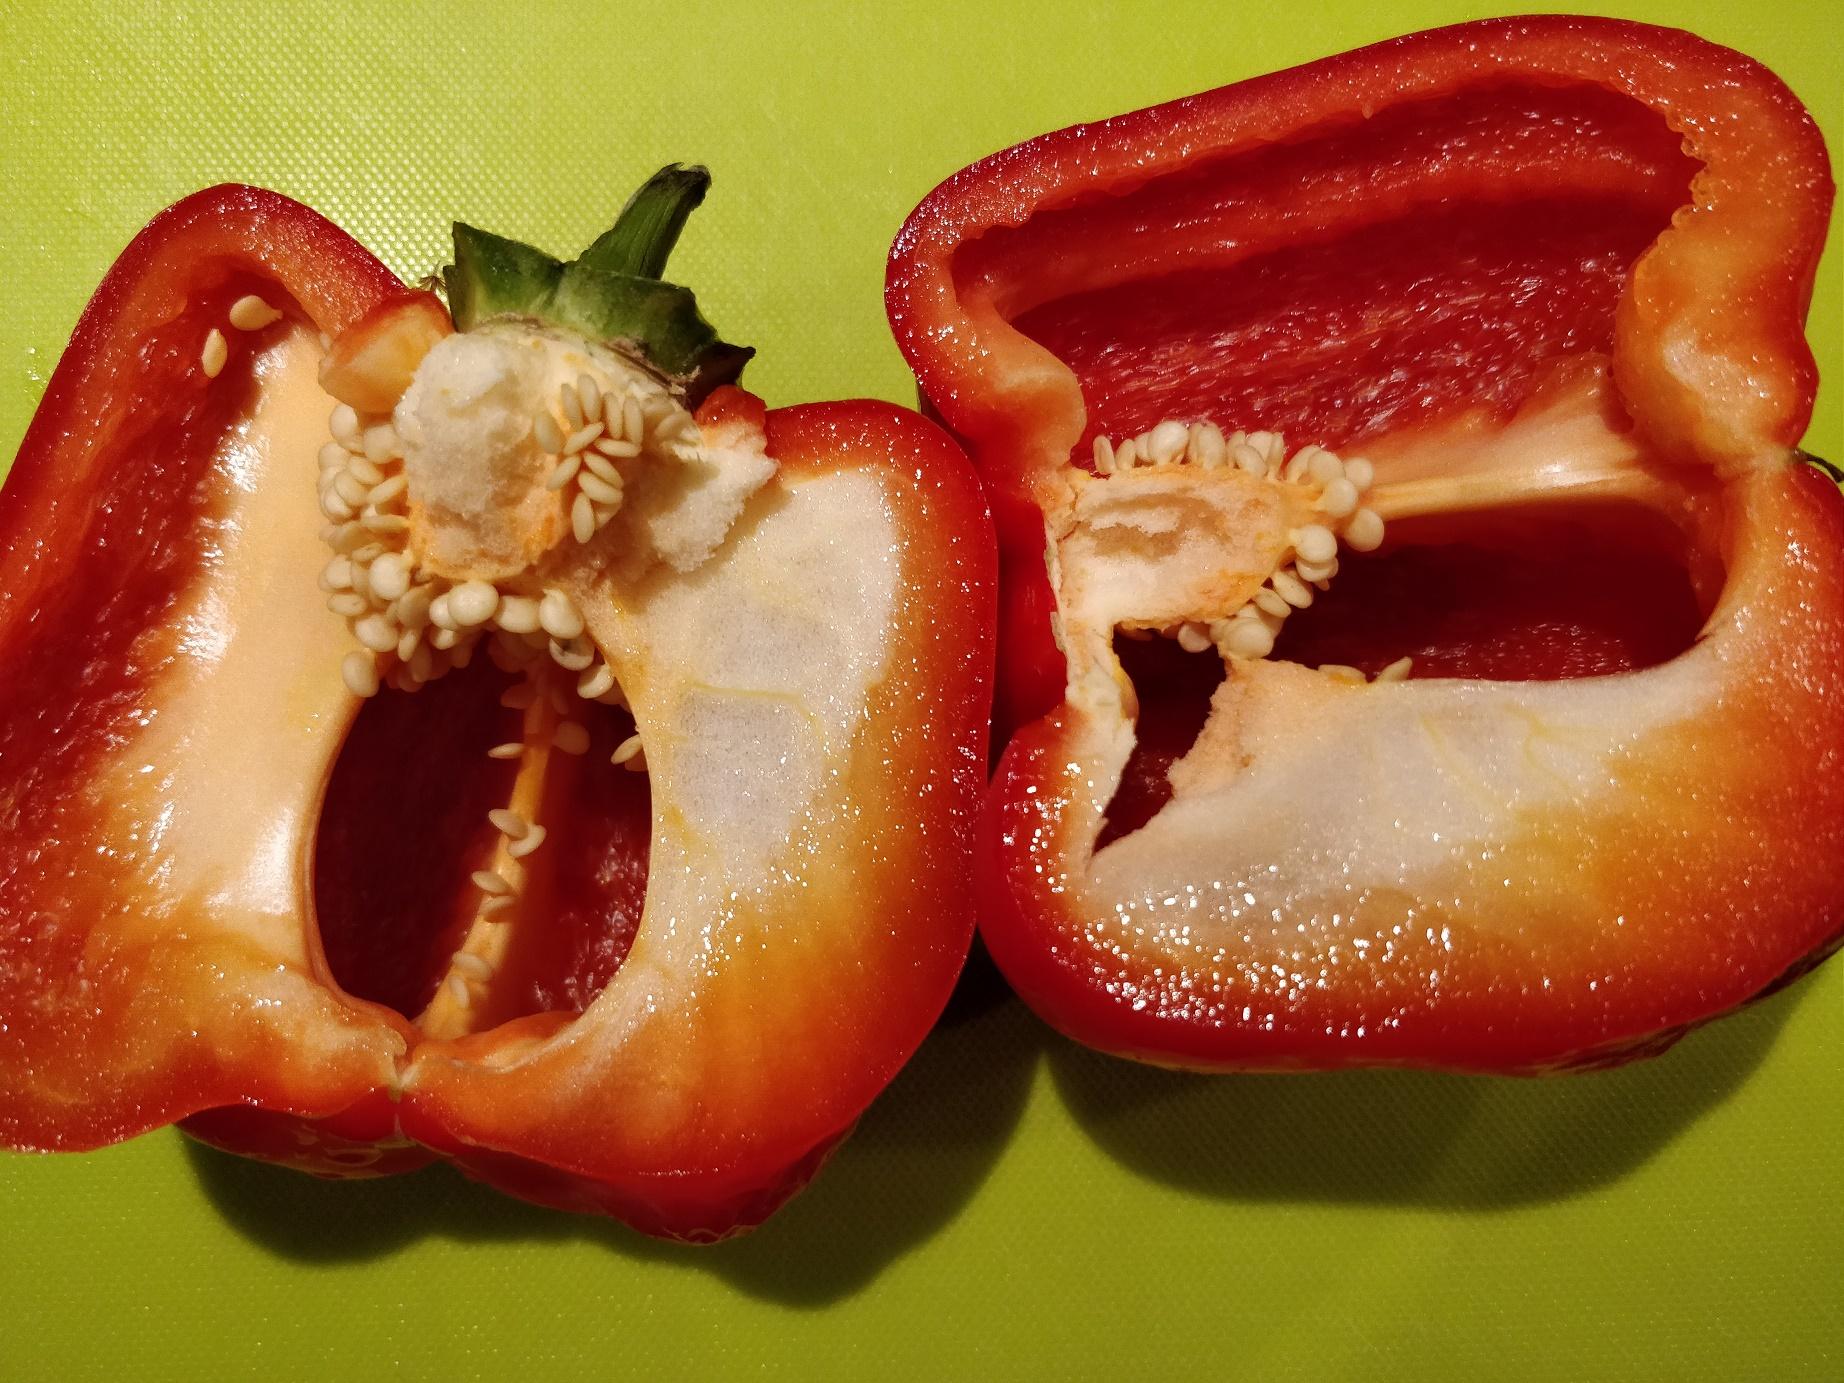 Peberfrugt kan bruges i tzatziki - opskrift